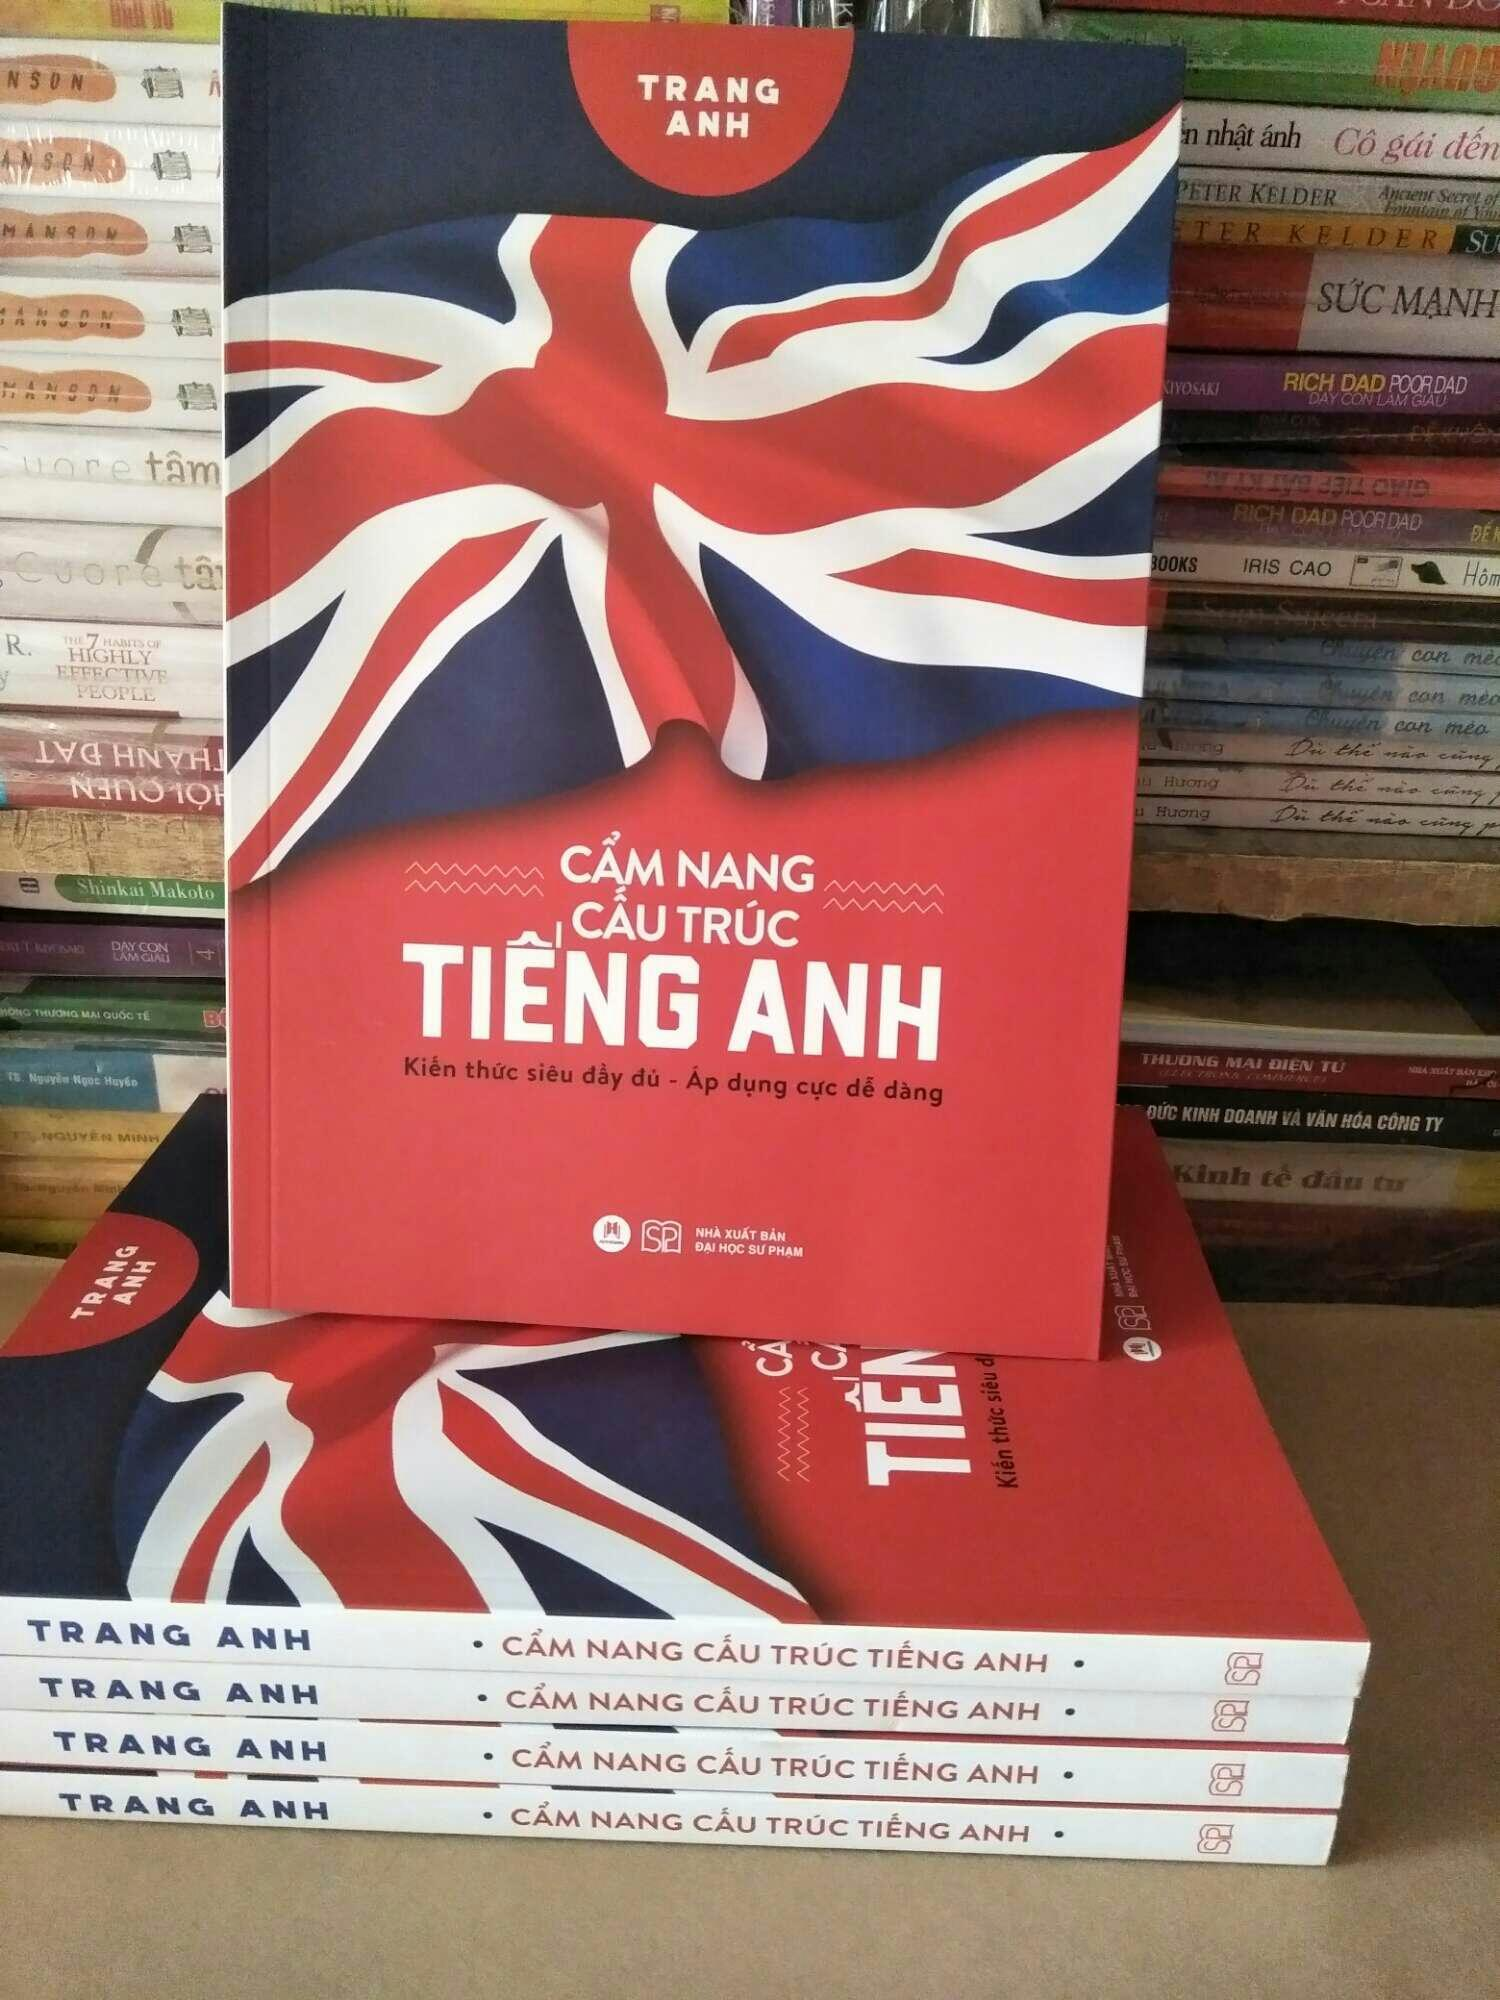 Tiết Kiệm Cực Đã Khi Mua Cẩm Nang Cấu Trúc Tiếng Anh